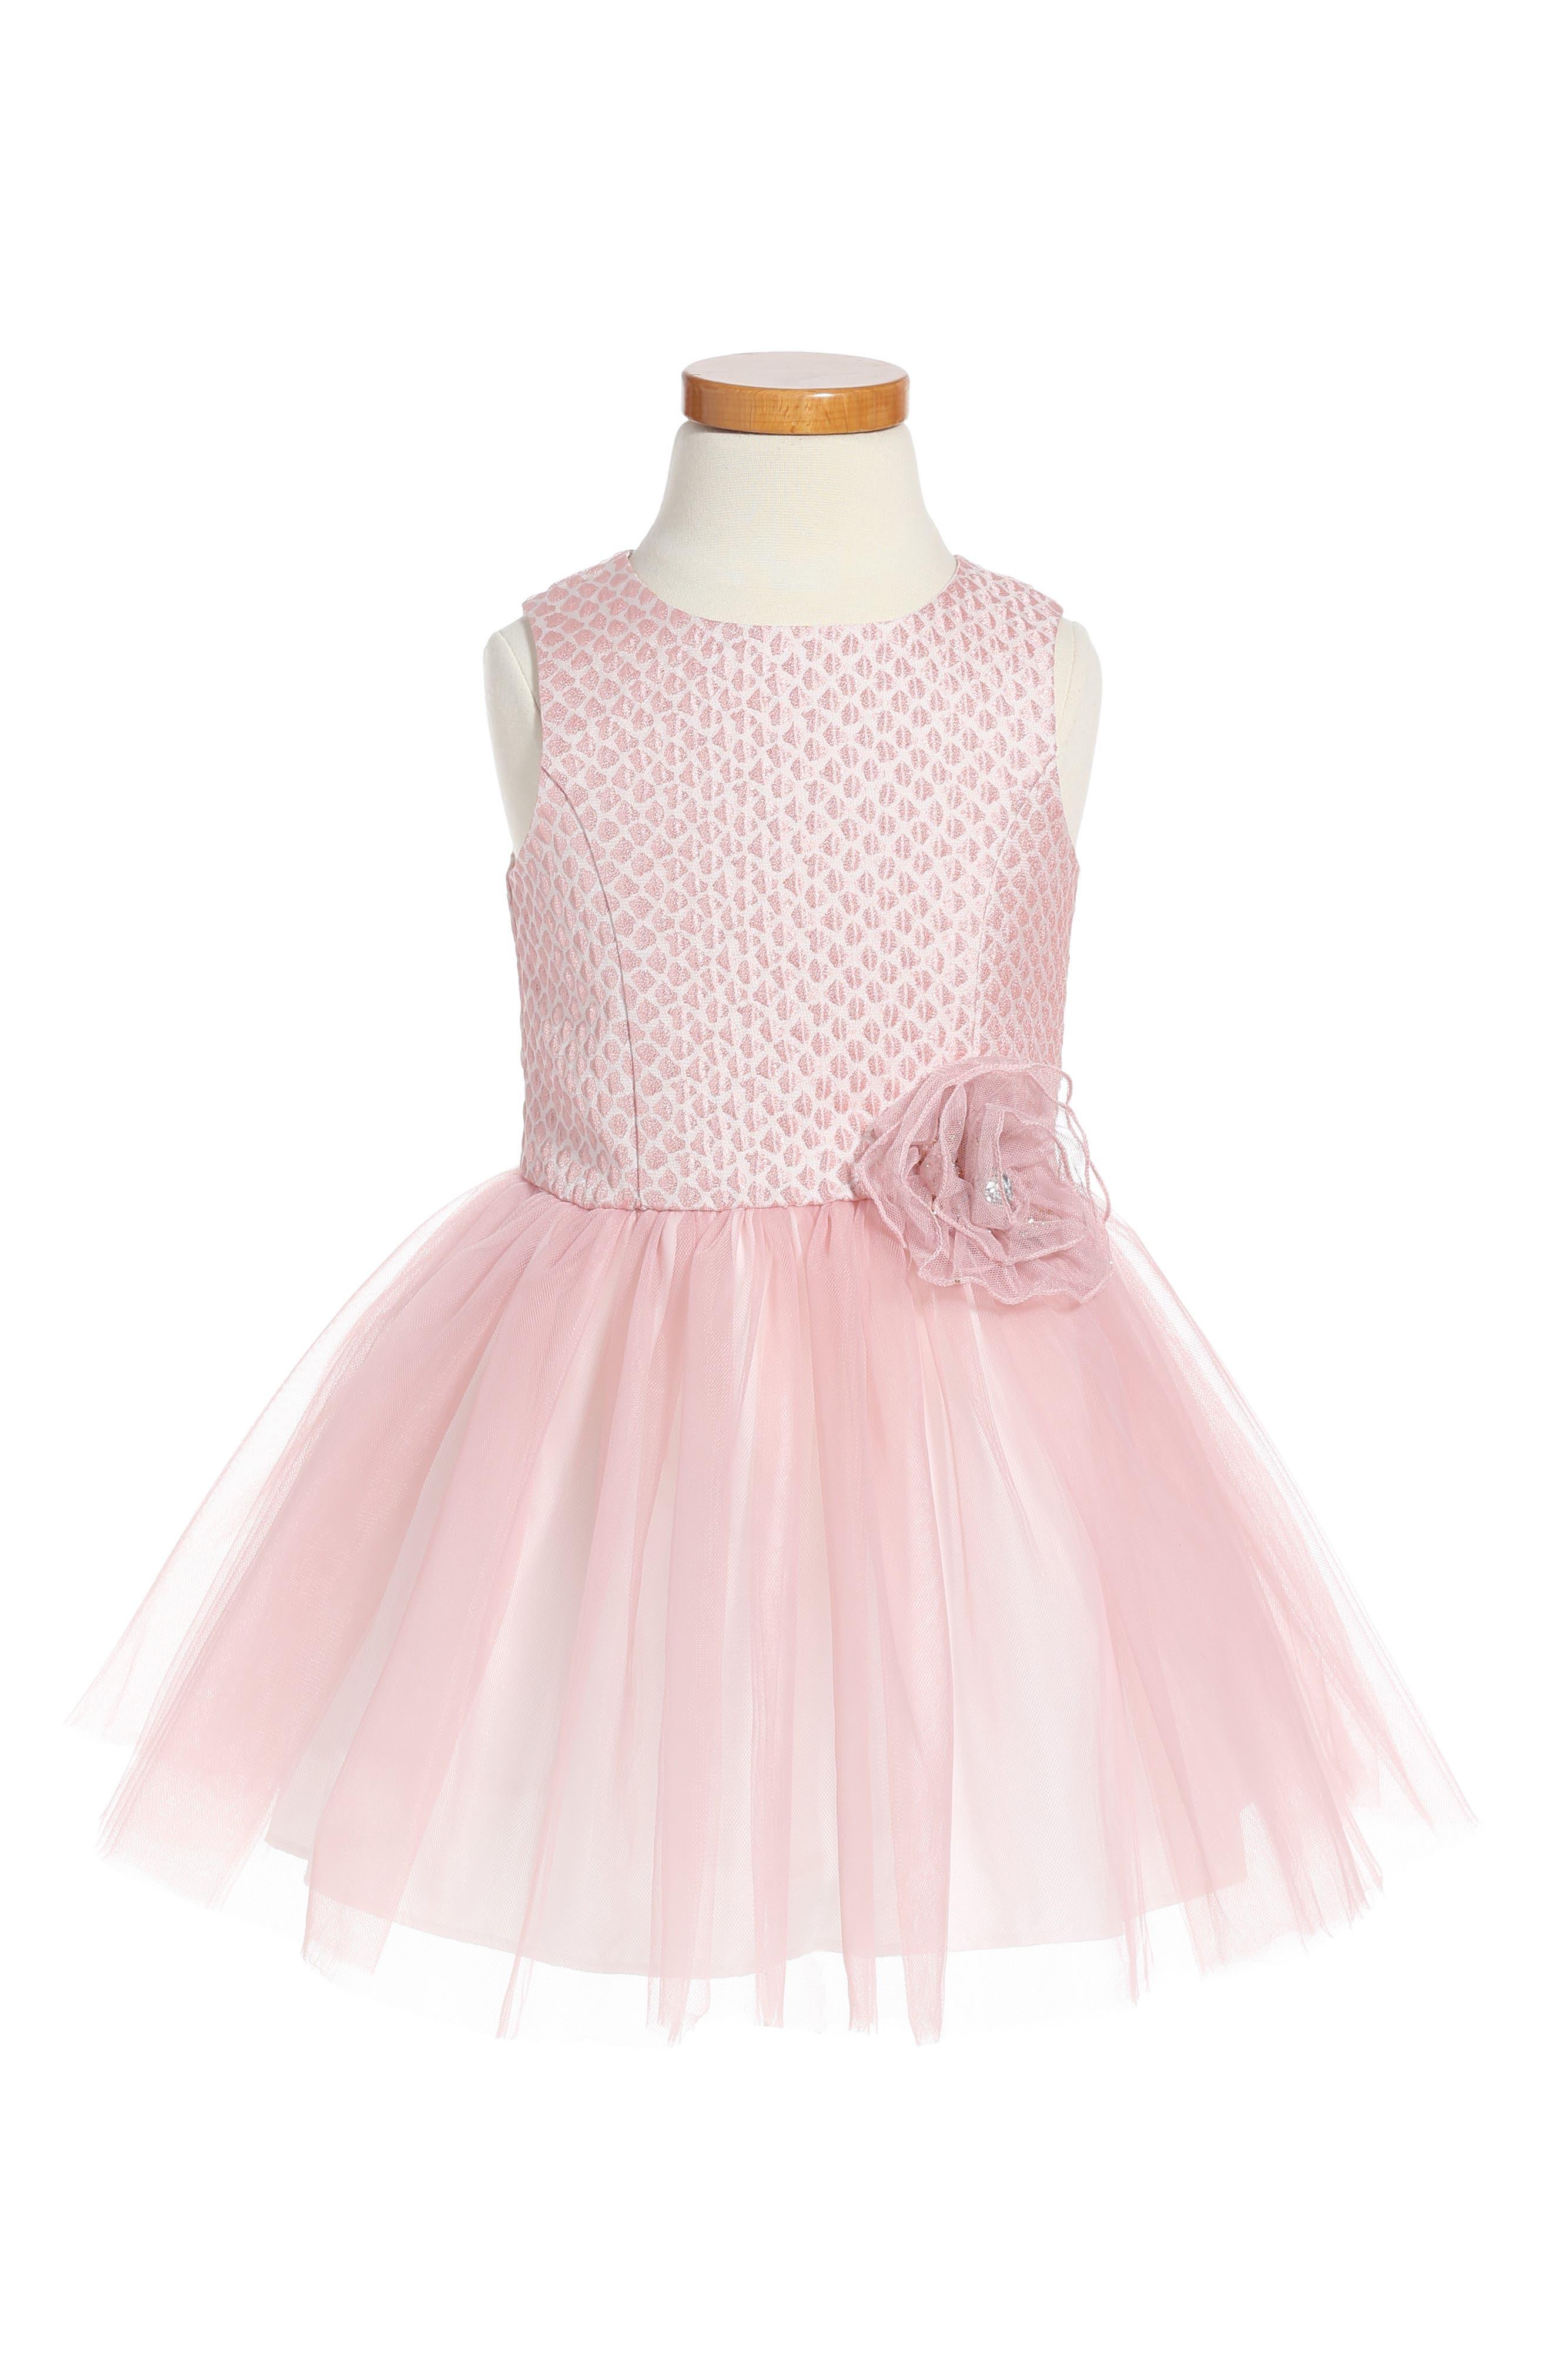 Pippa & Julie Brocade & Tulle Dress (Toddler Girls & Little Girls)